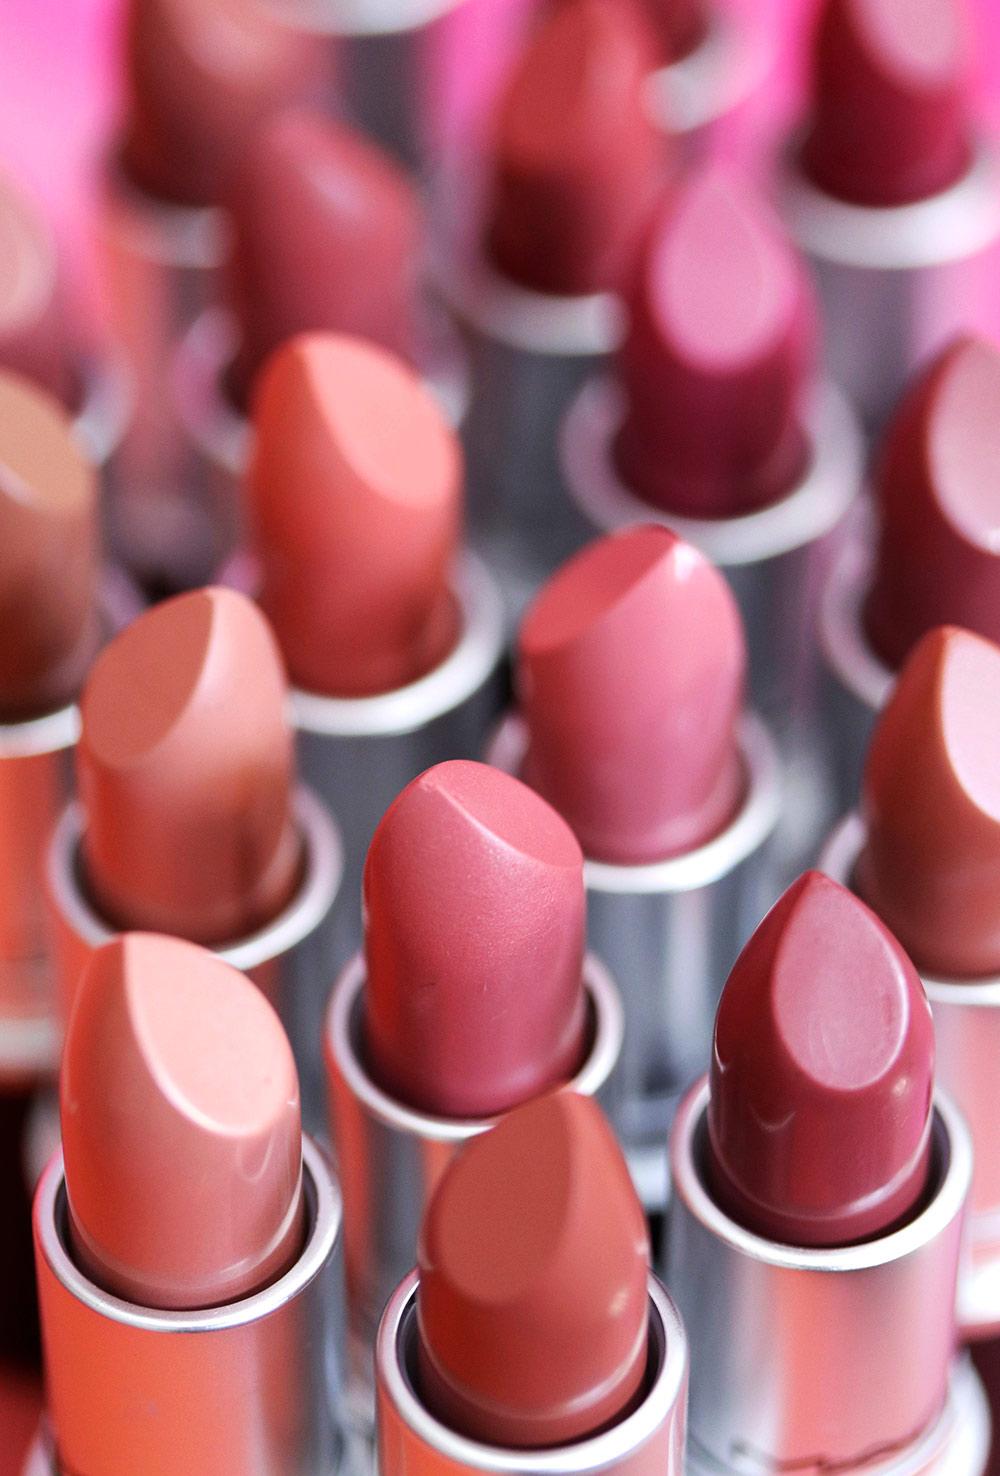 mac lispticks nudes pinks